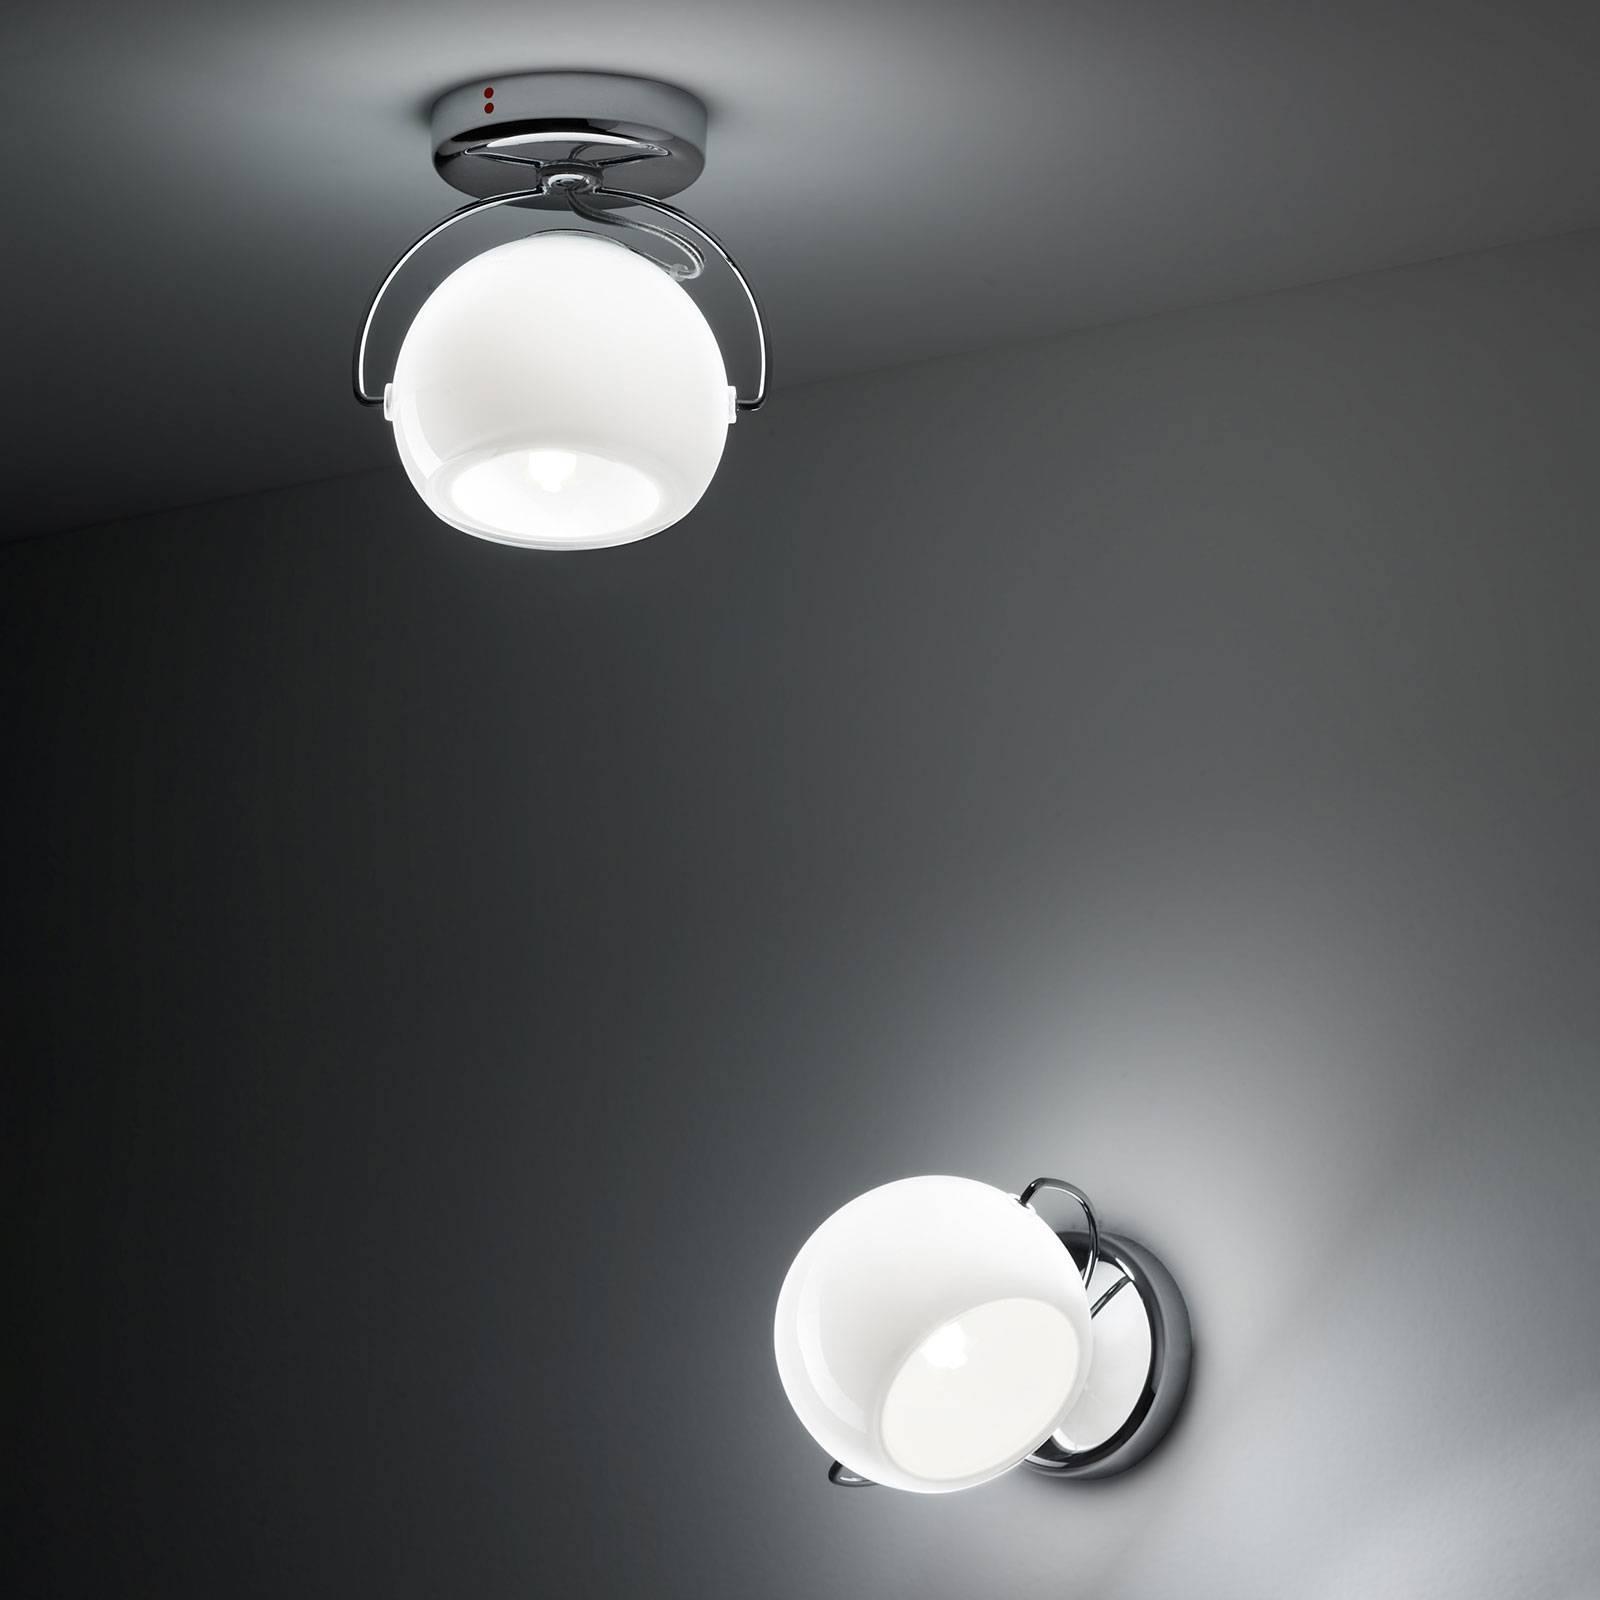 Fabbian Beluga White Deckenlampe direkt 1-flammig günstig online kaufen